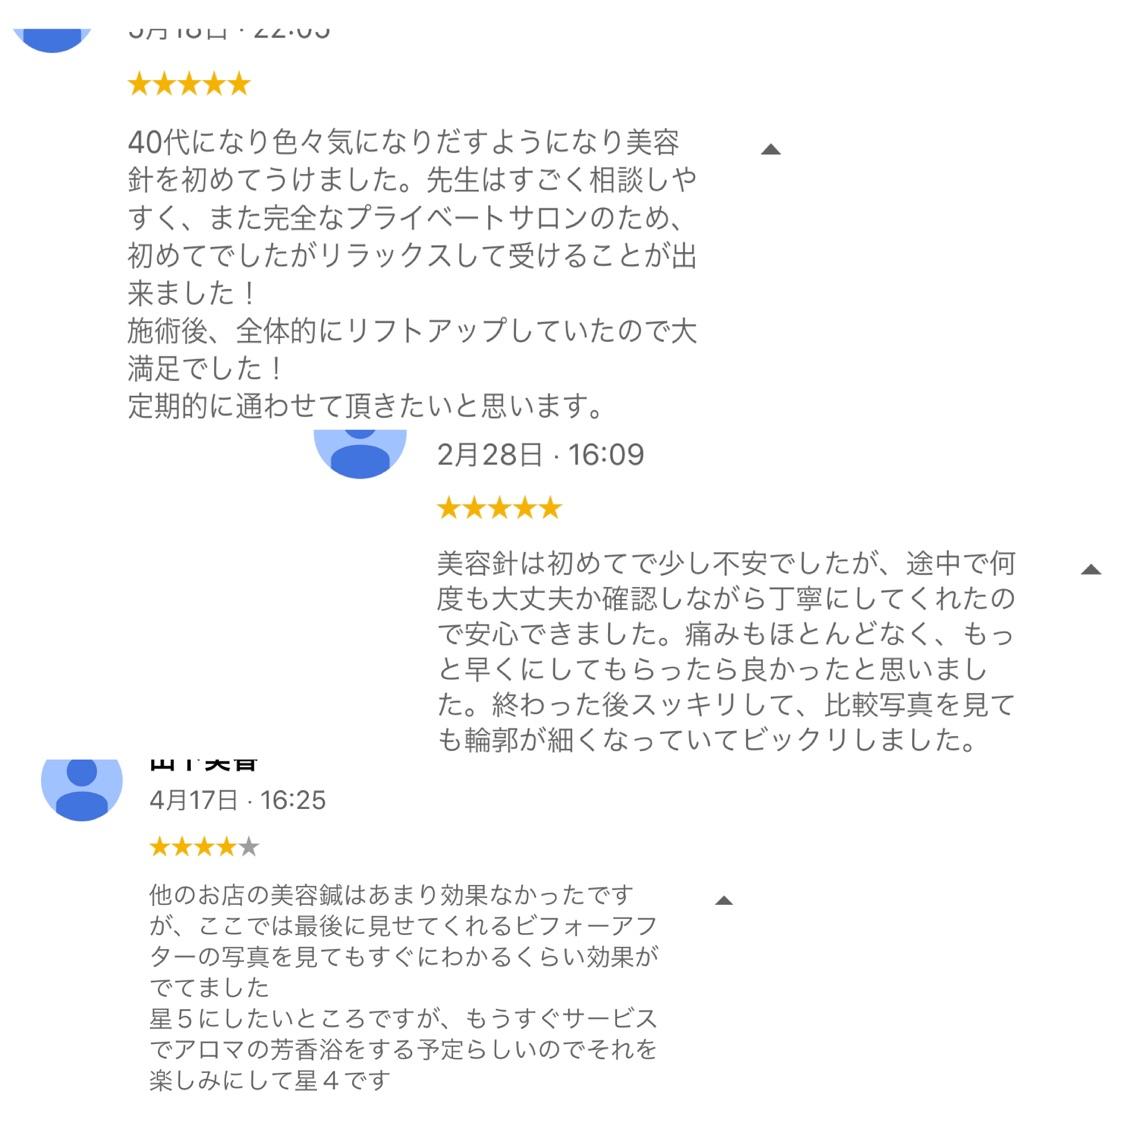 美容鍼専門サロンharisteria(ハリステリア)